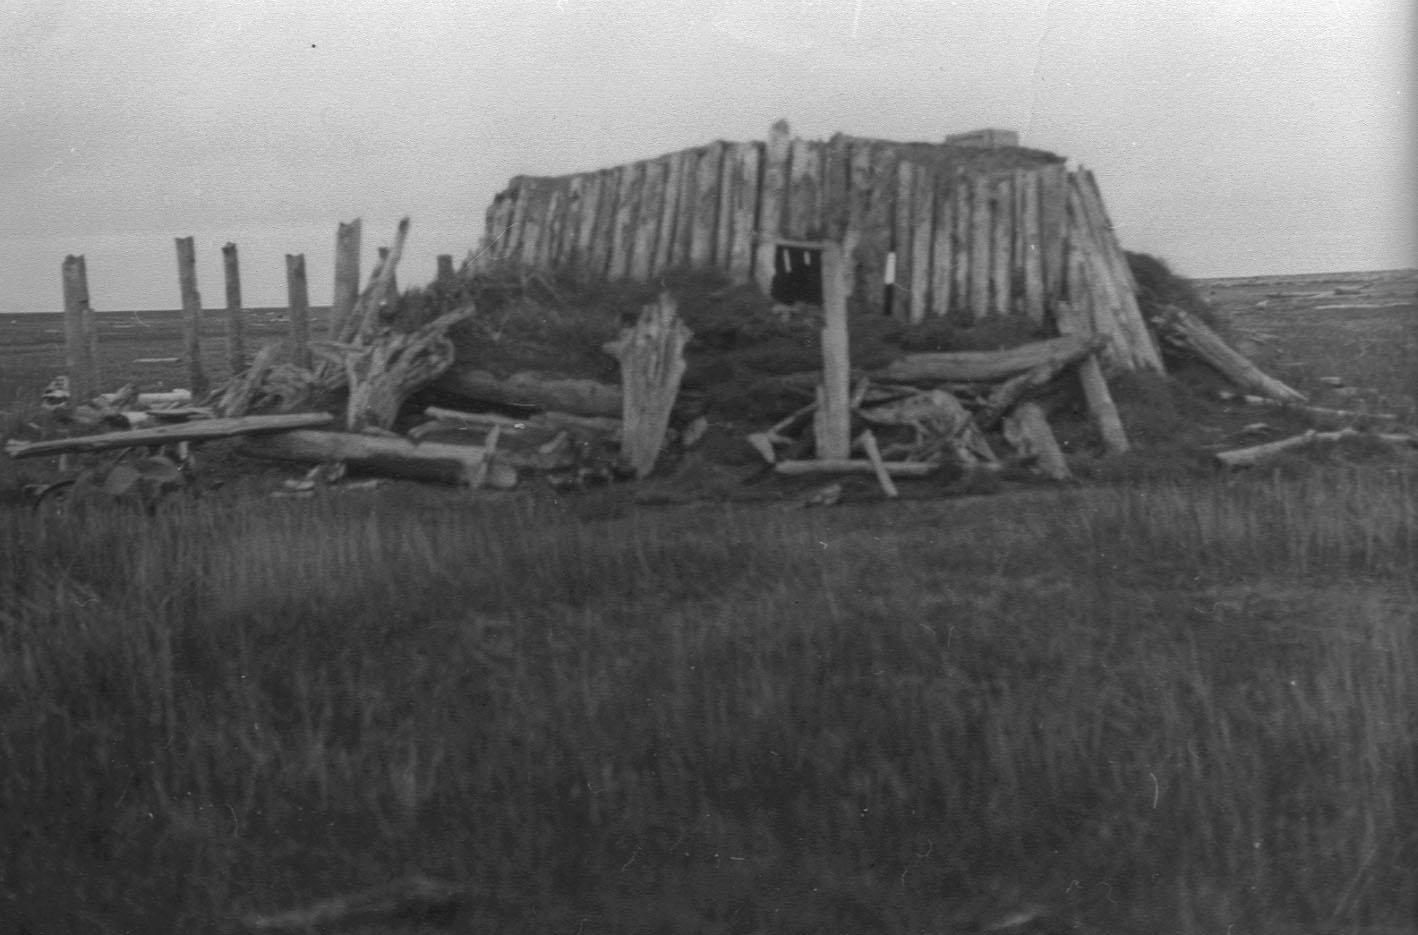 1943–1946 m. Anošinsko saloje lietuvių tremtinių pastatytos jurtos liekanos. Jakutija, 1989 m. Iš Lietuvos gyventojų genocido ir rezistencijos tyrimo centro Genocido aukų muziejaus rinkinių